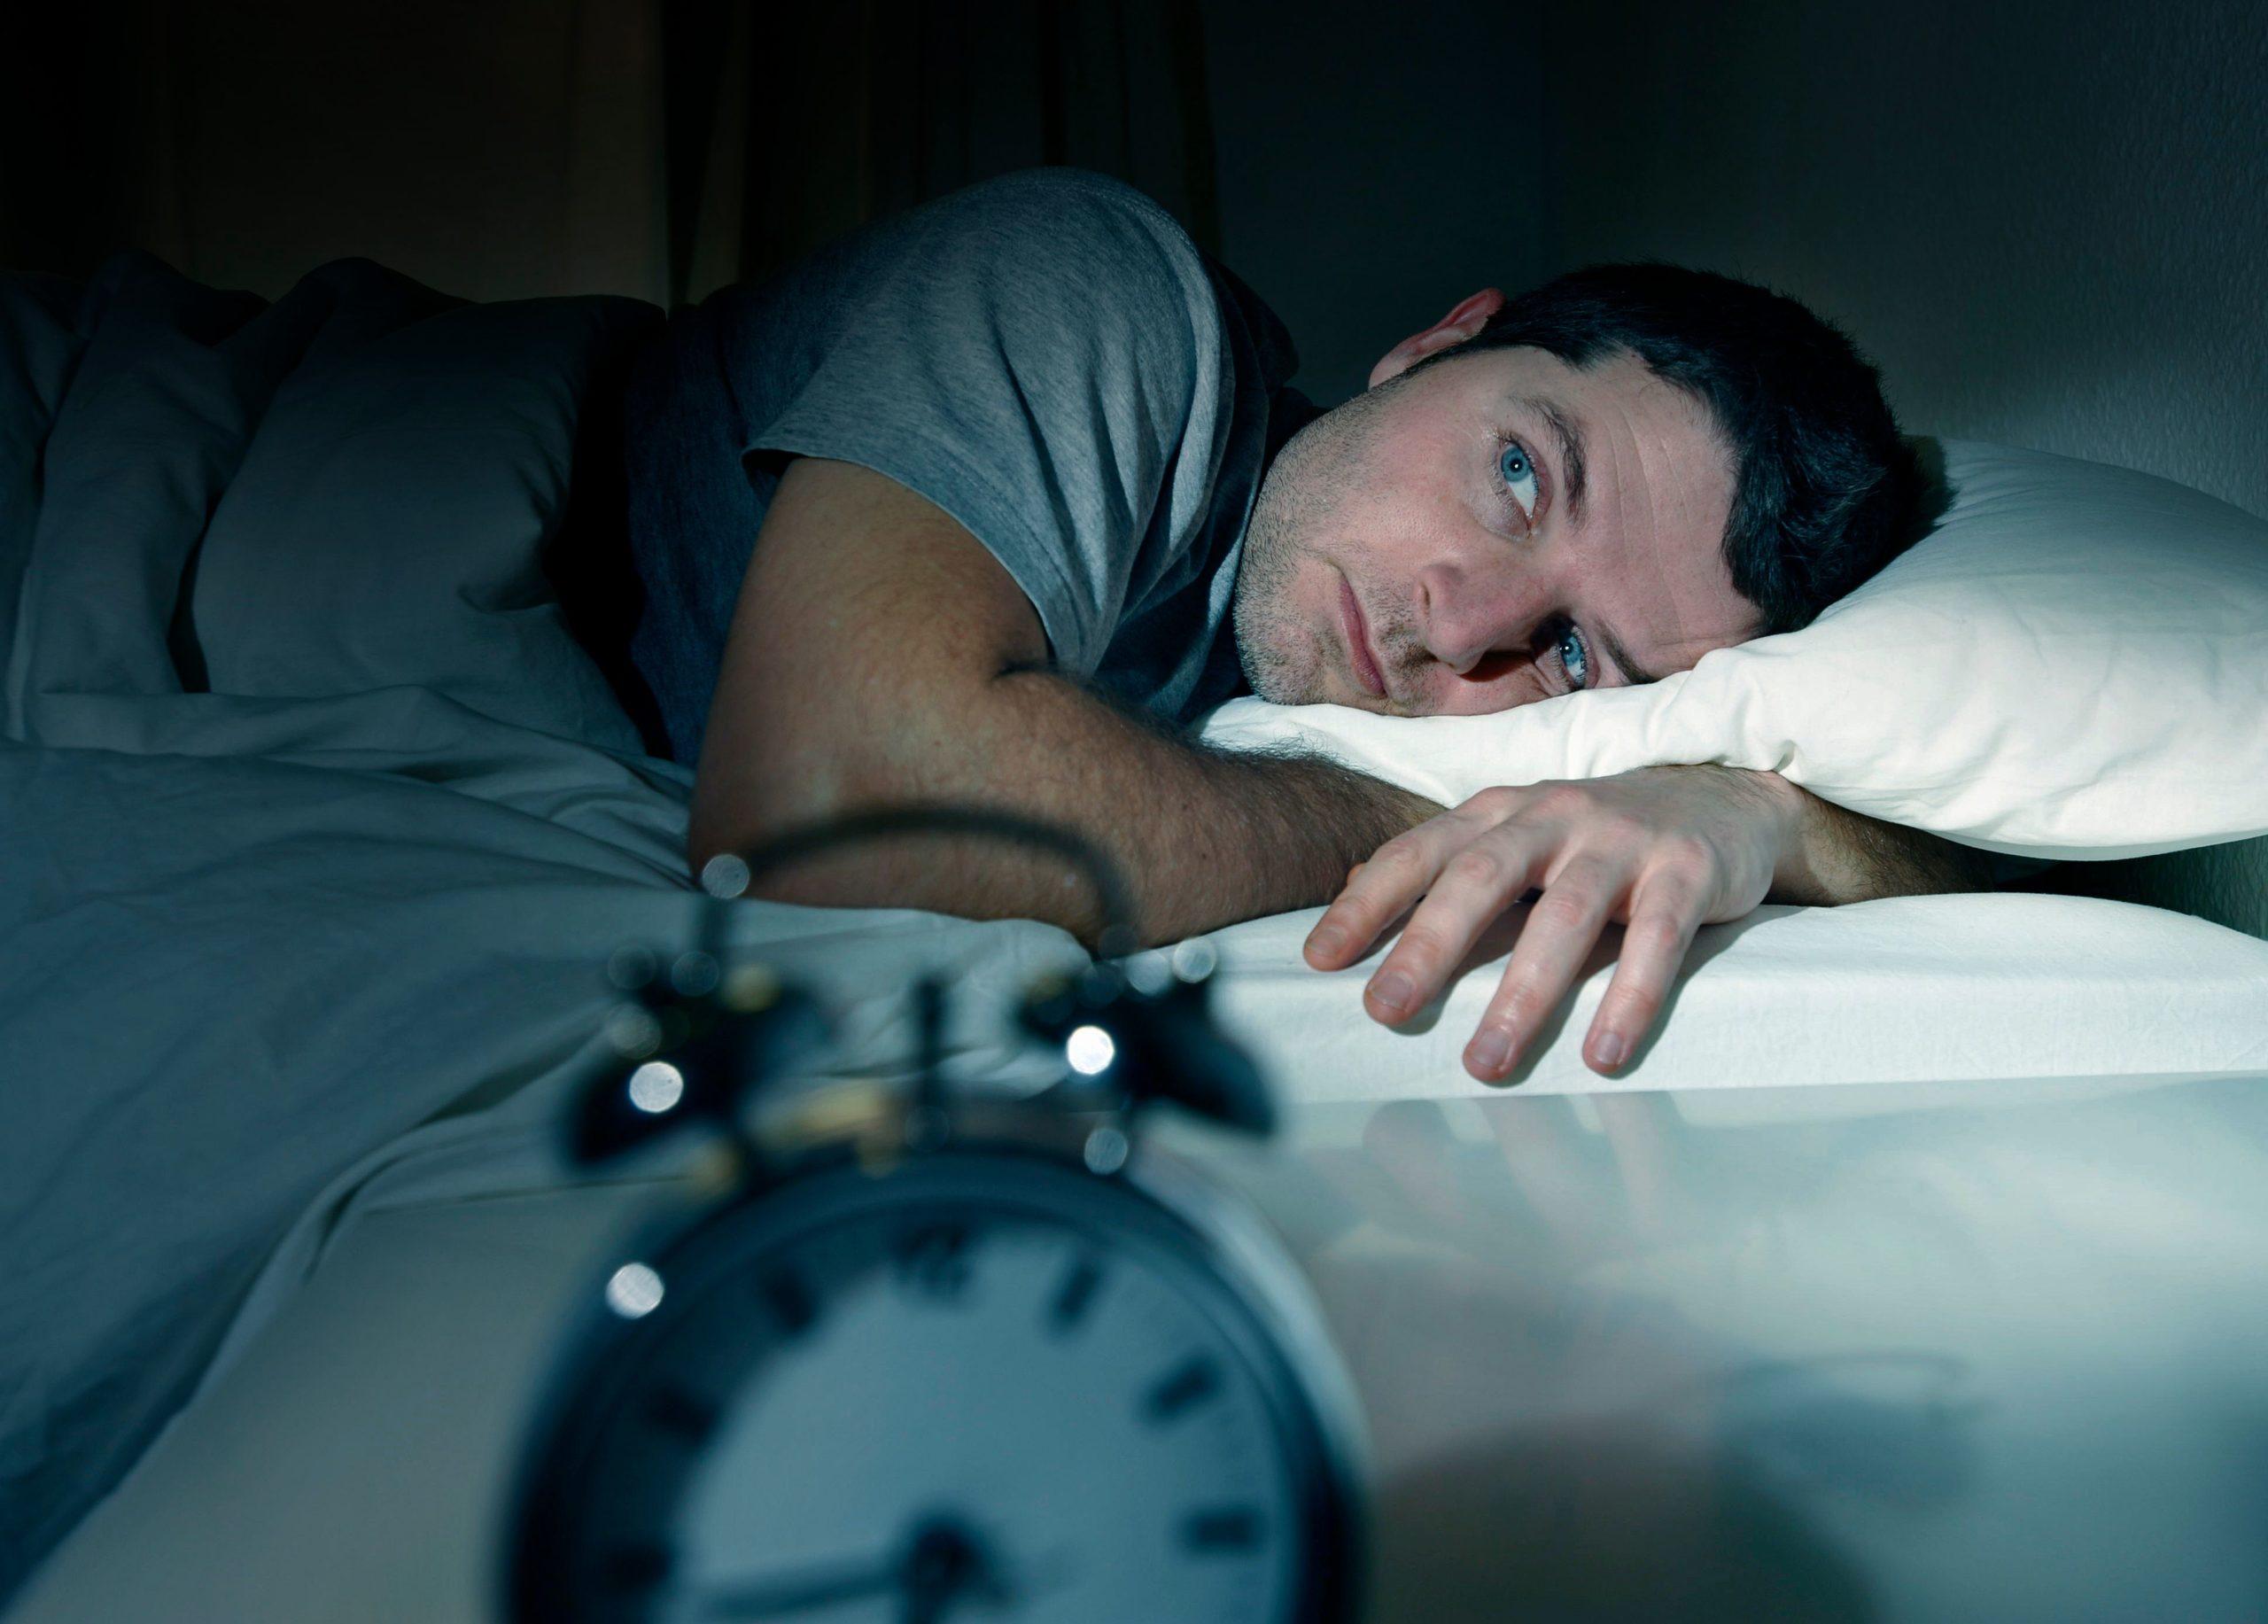 man laying awake at night from sleep apnea